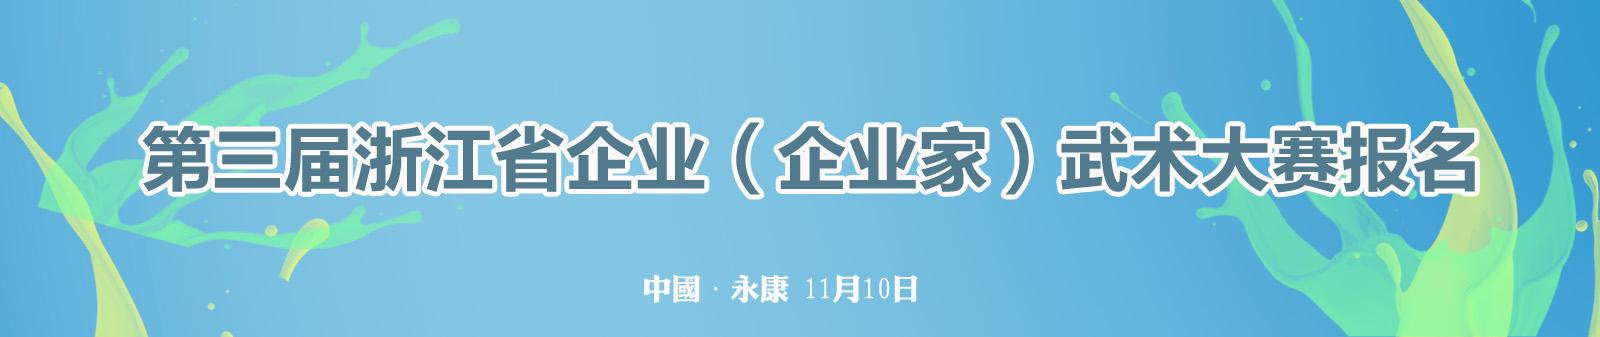 第三届浙江省企业(企业家)武术大赛